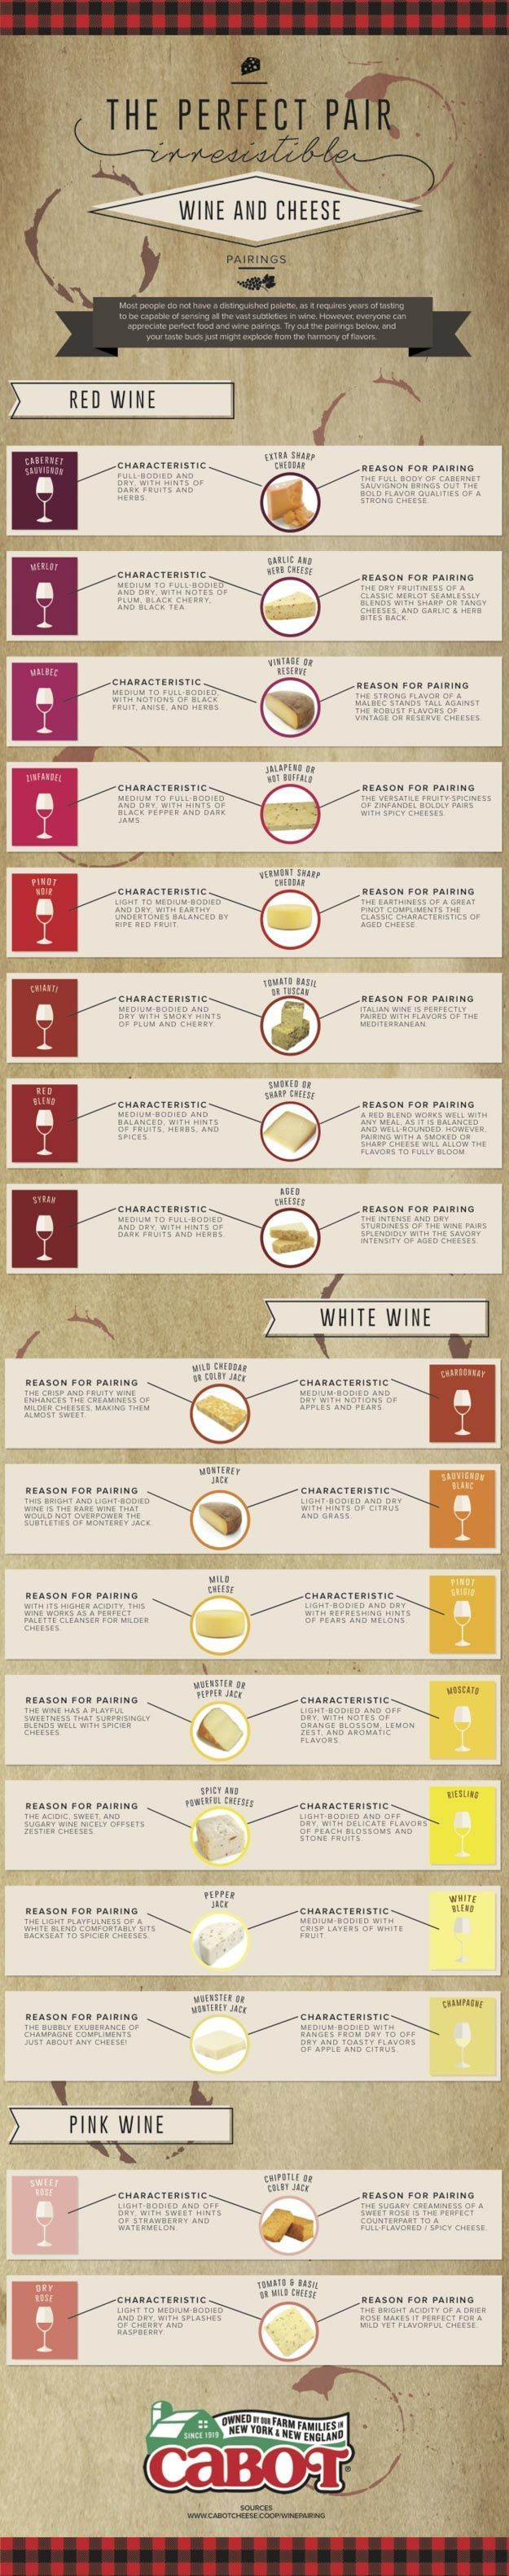 Cheese & Wine Pairing Chart [Infographic] | This Cheese & Wine Pairing Chart is perfect for planning your next gathering.